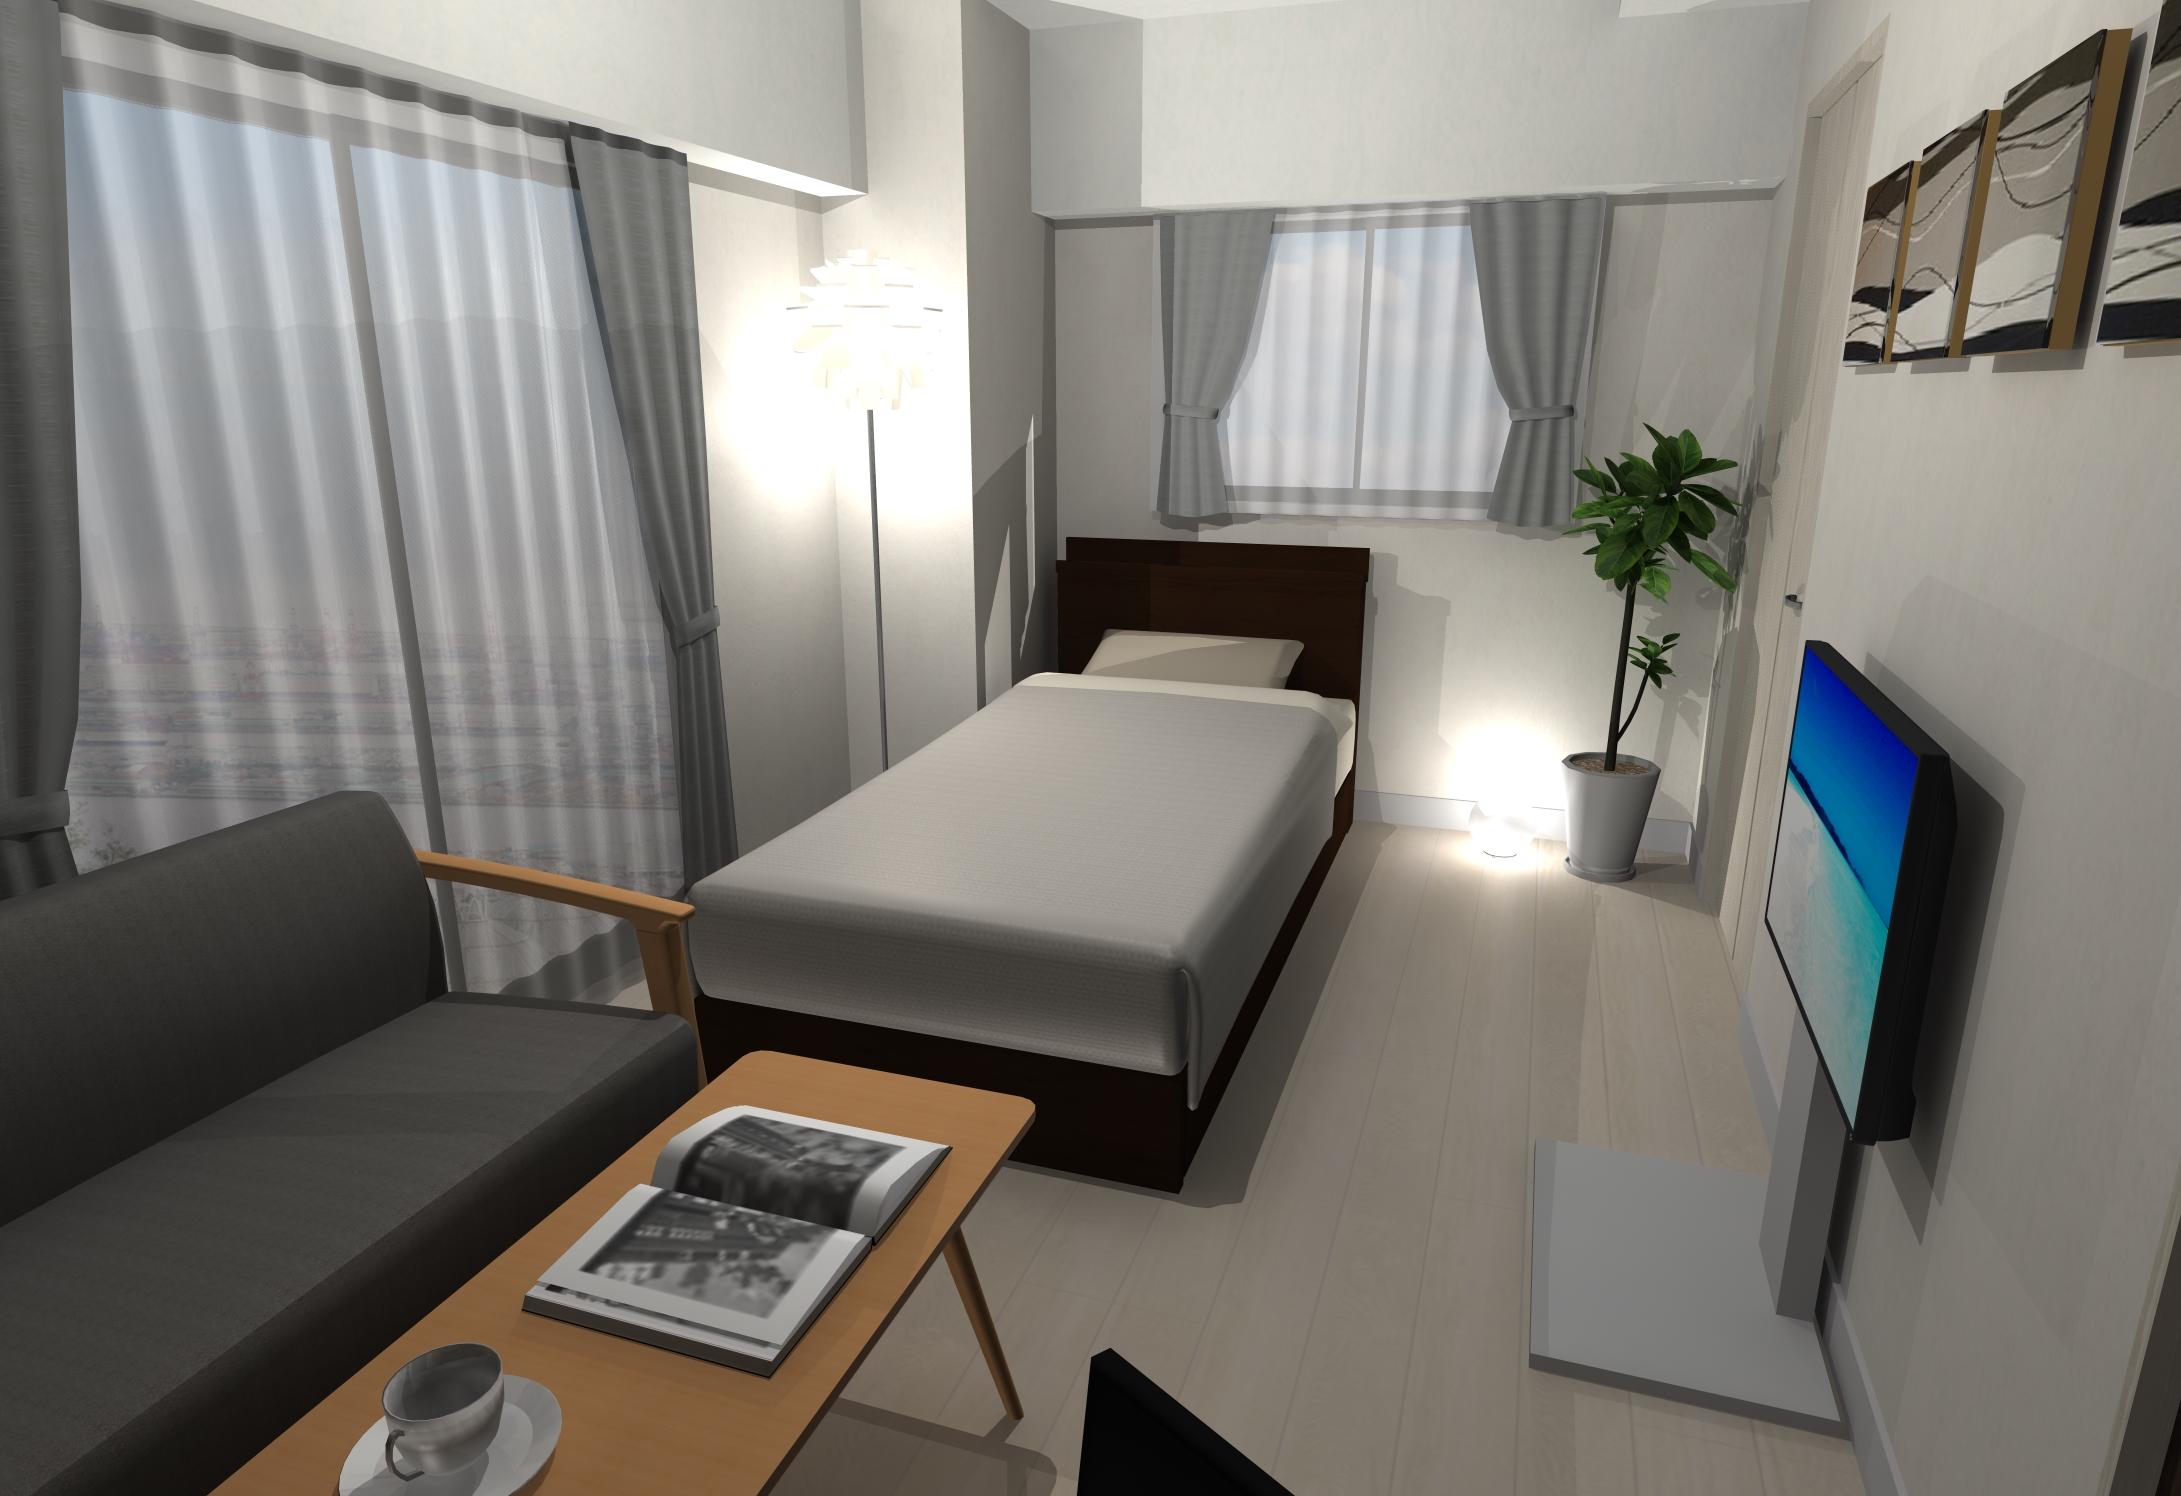 スペースを有効活用した北欧風ホテルライクインテリア